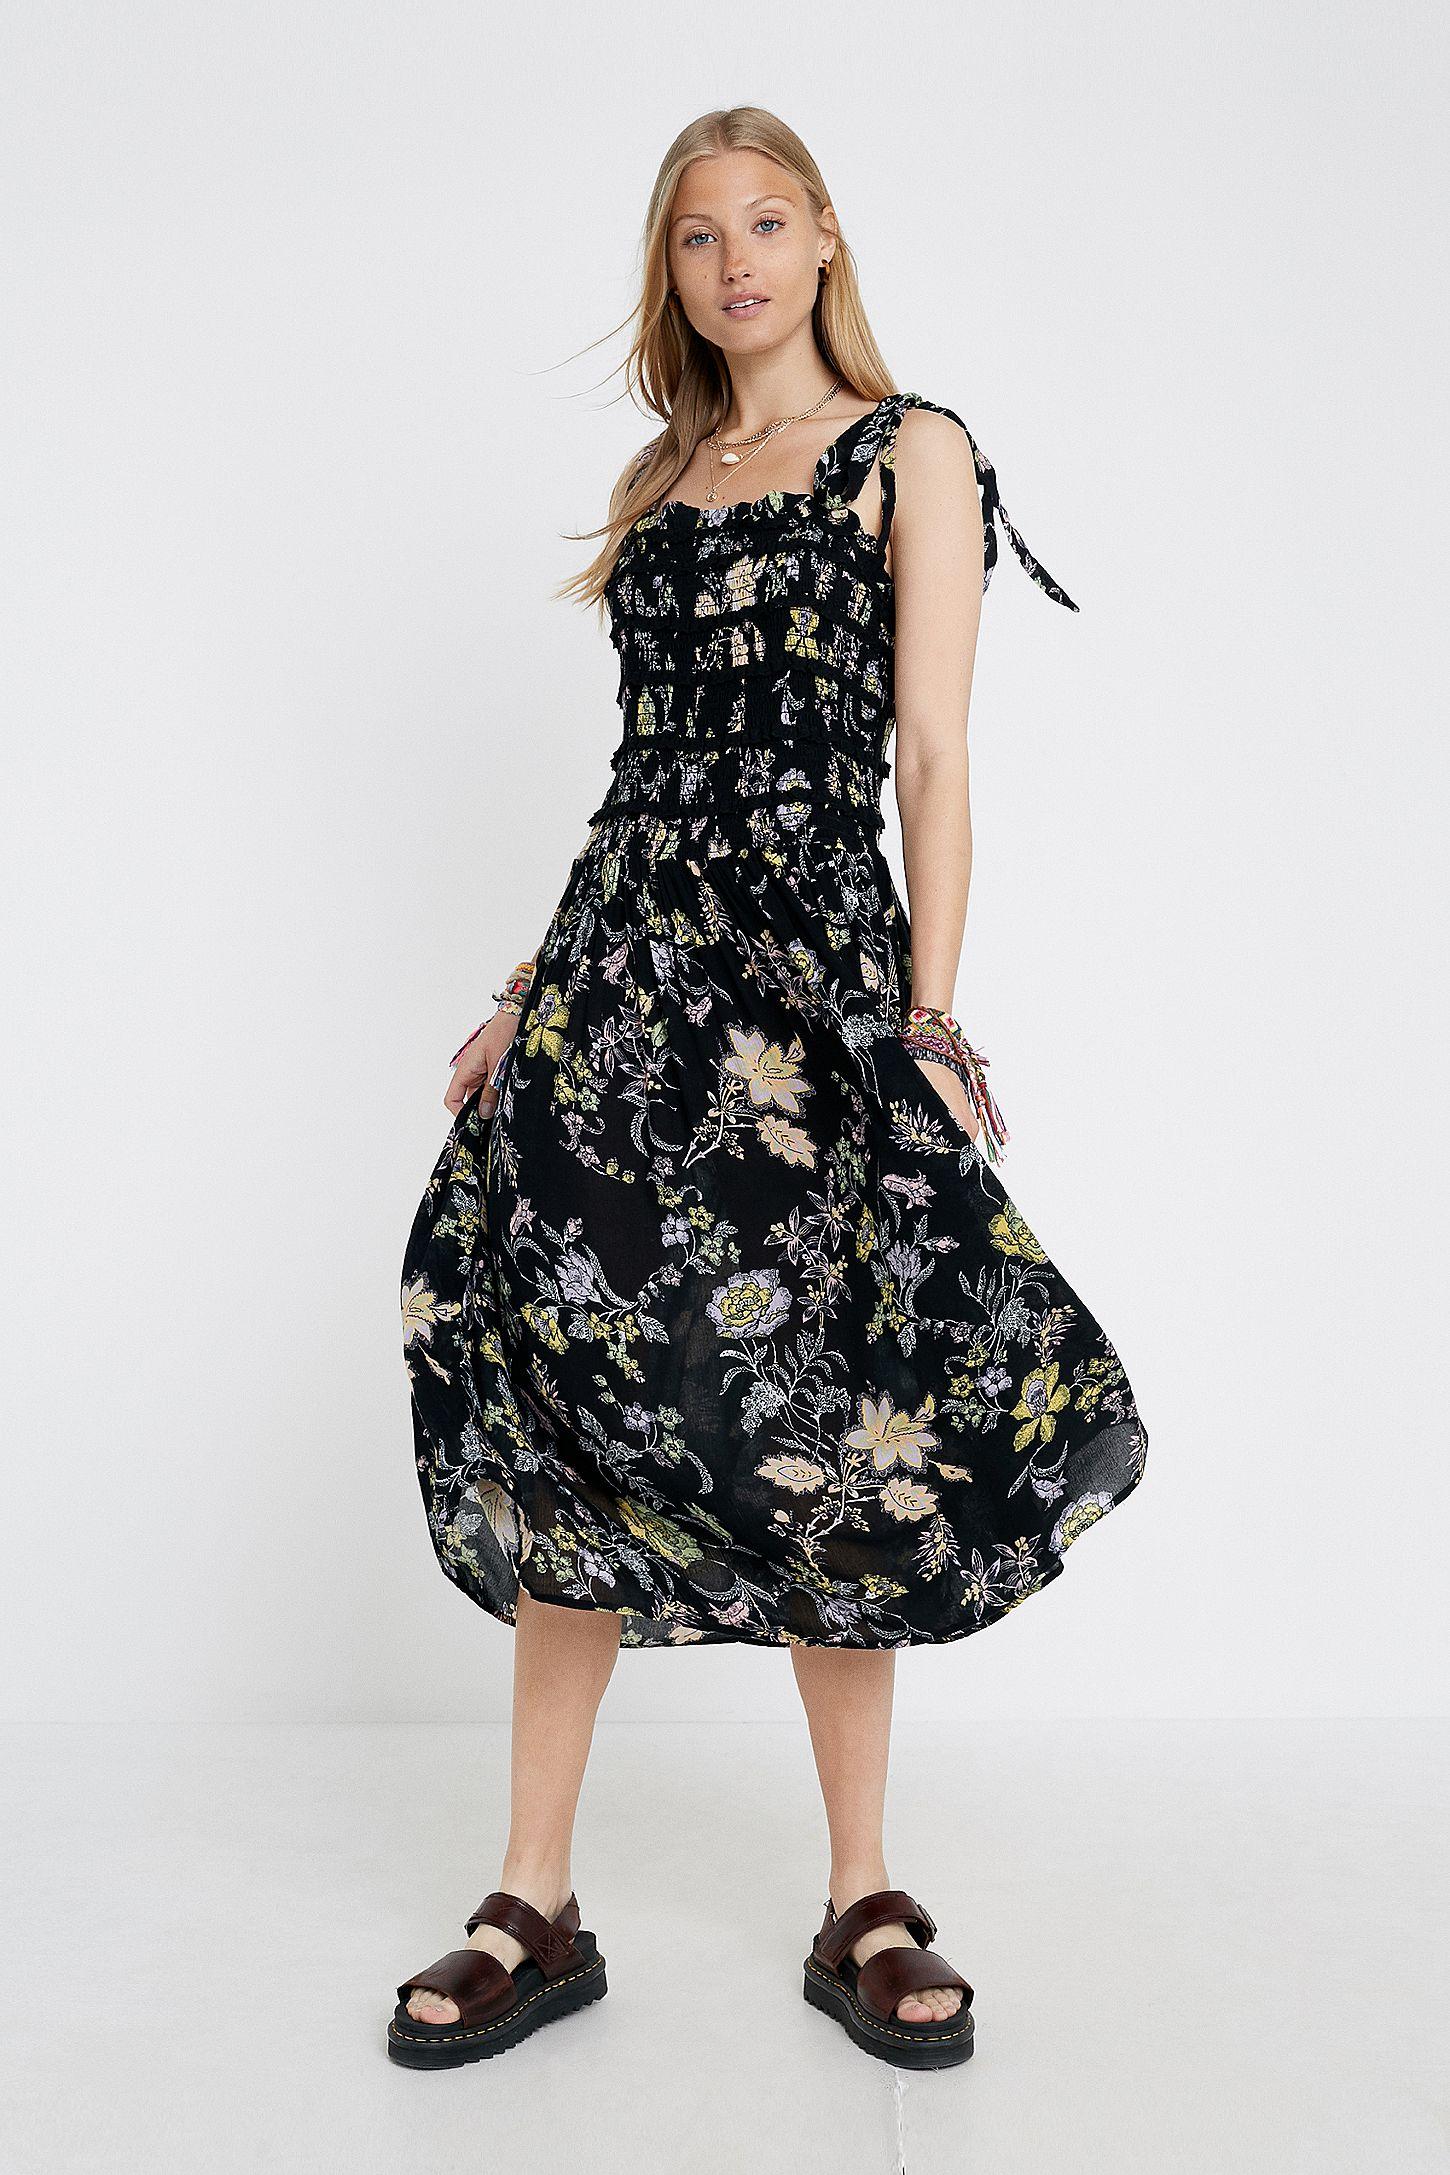 756db1f05854 Free People Isla Black Floral Midi Dress | Urban Outfitters UK